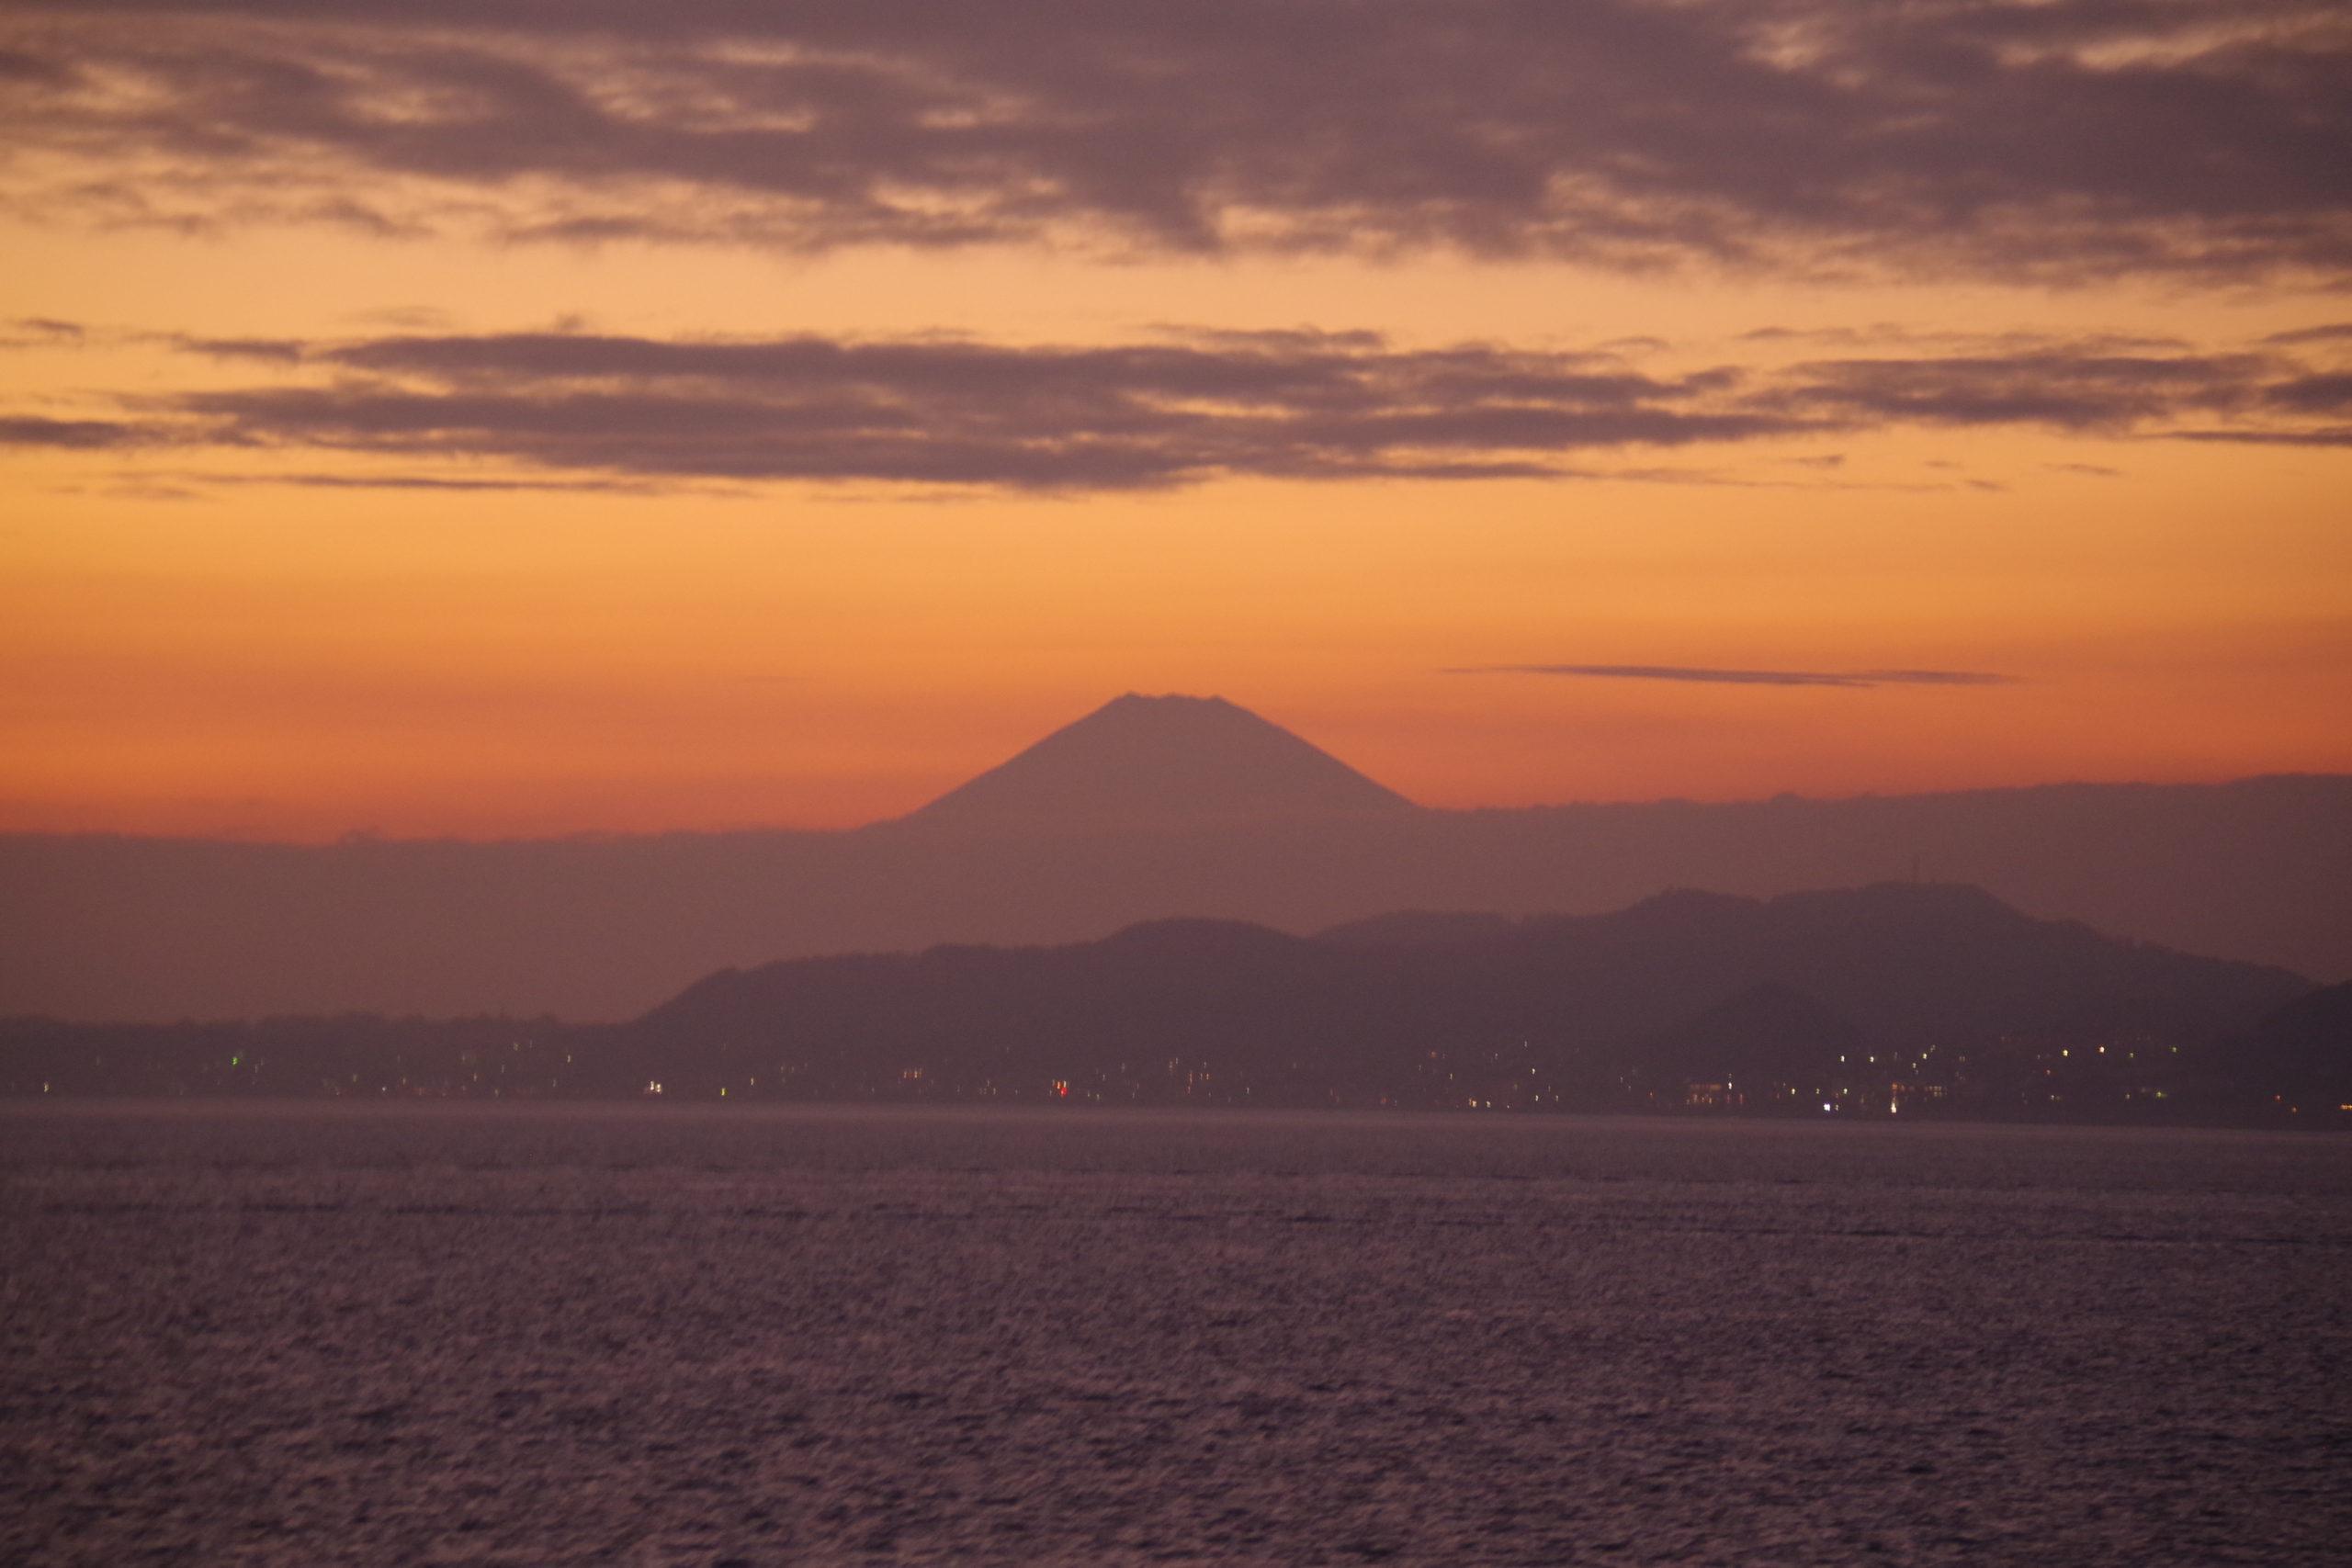 東京湾から望む夕景の富士山